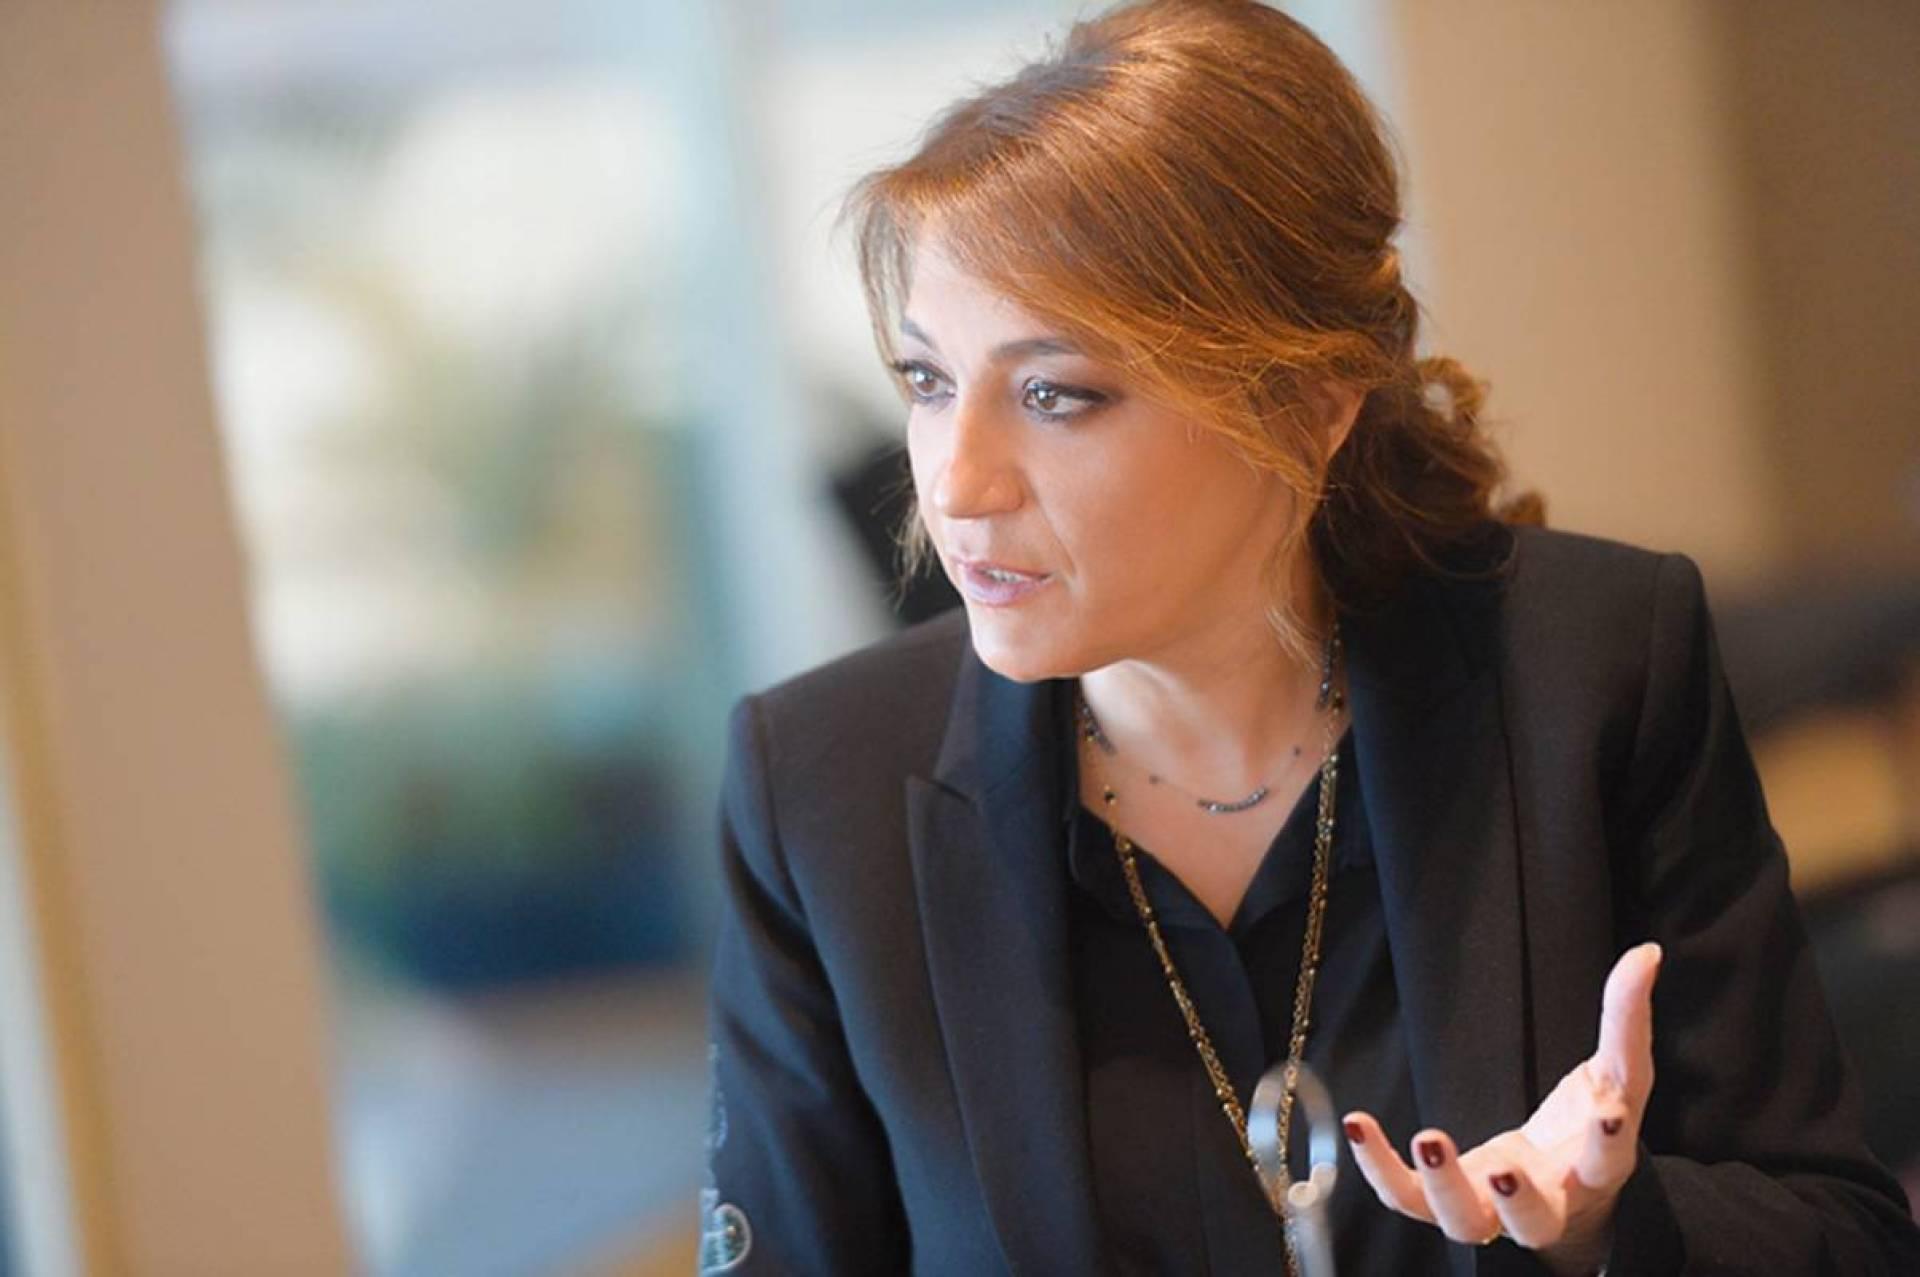 المستشارة الأولى لرئيس الجمهورية اللبنانية ميراي عون الهاشم القرن